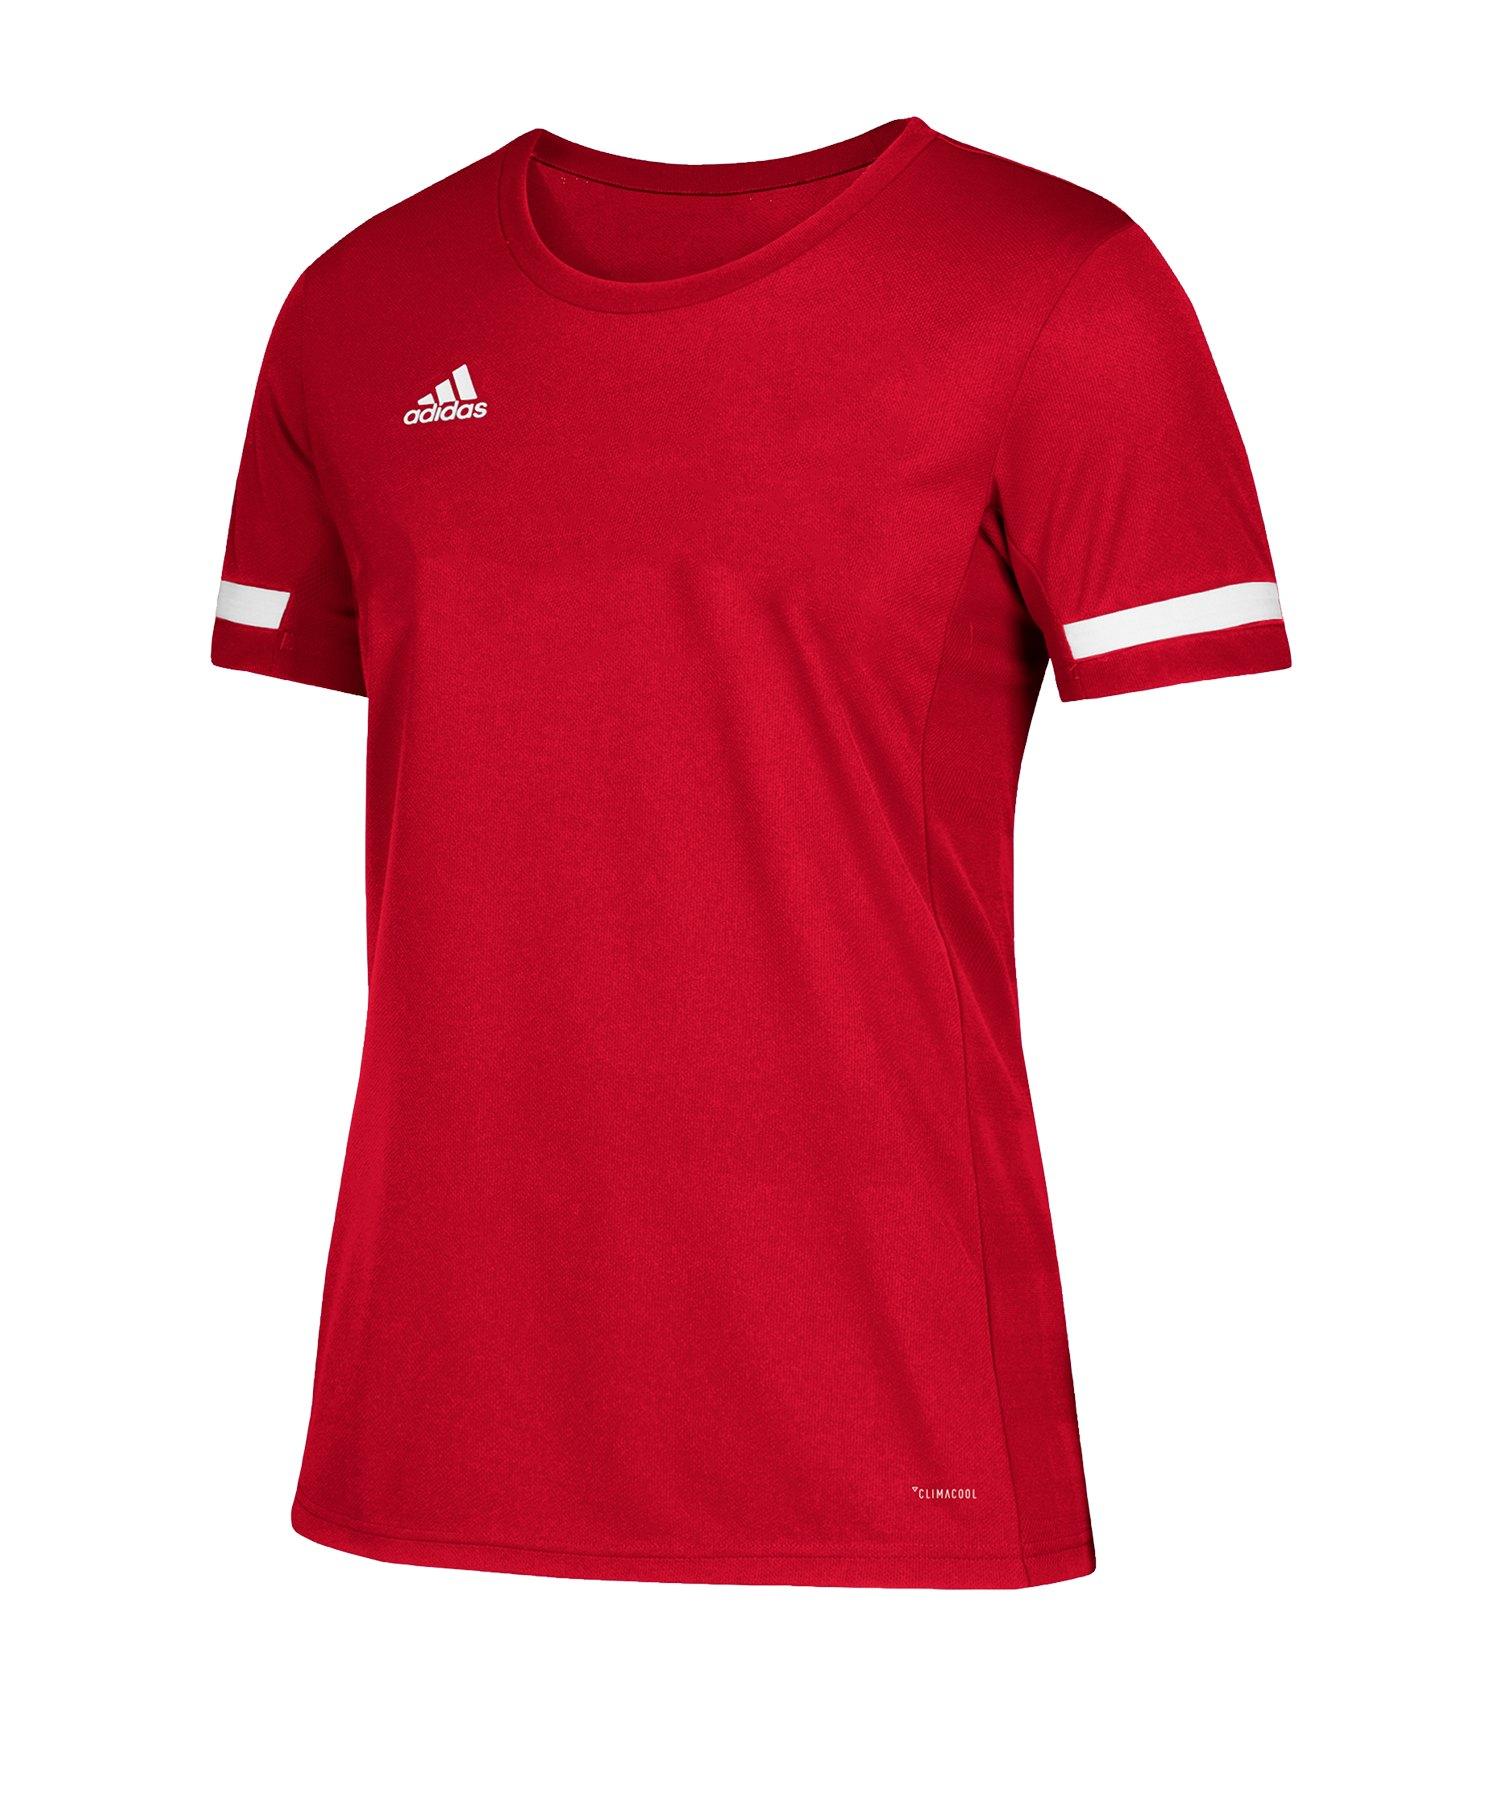 adidas Team 19 Trikot kurzarm Kids Rot Weiss - rot